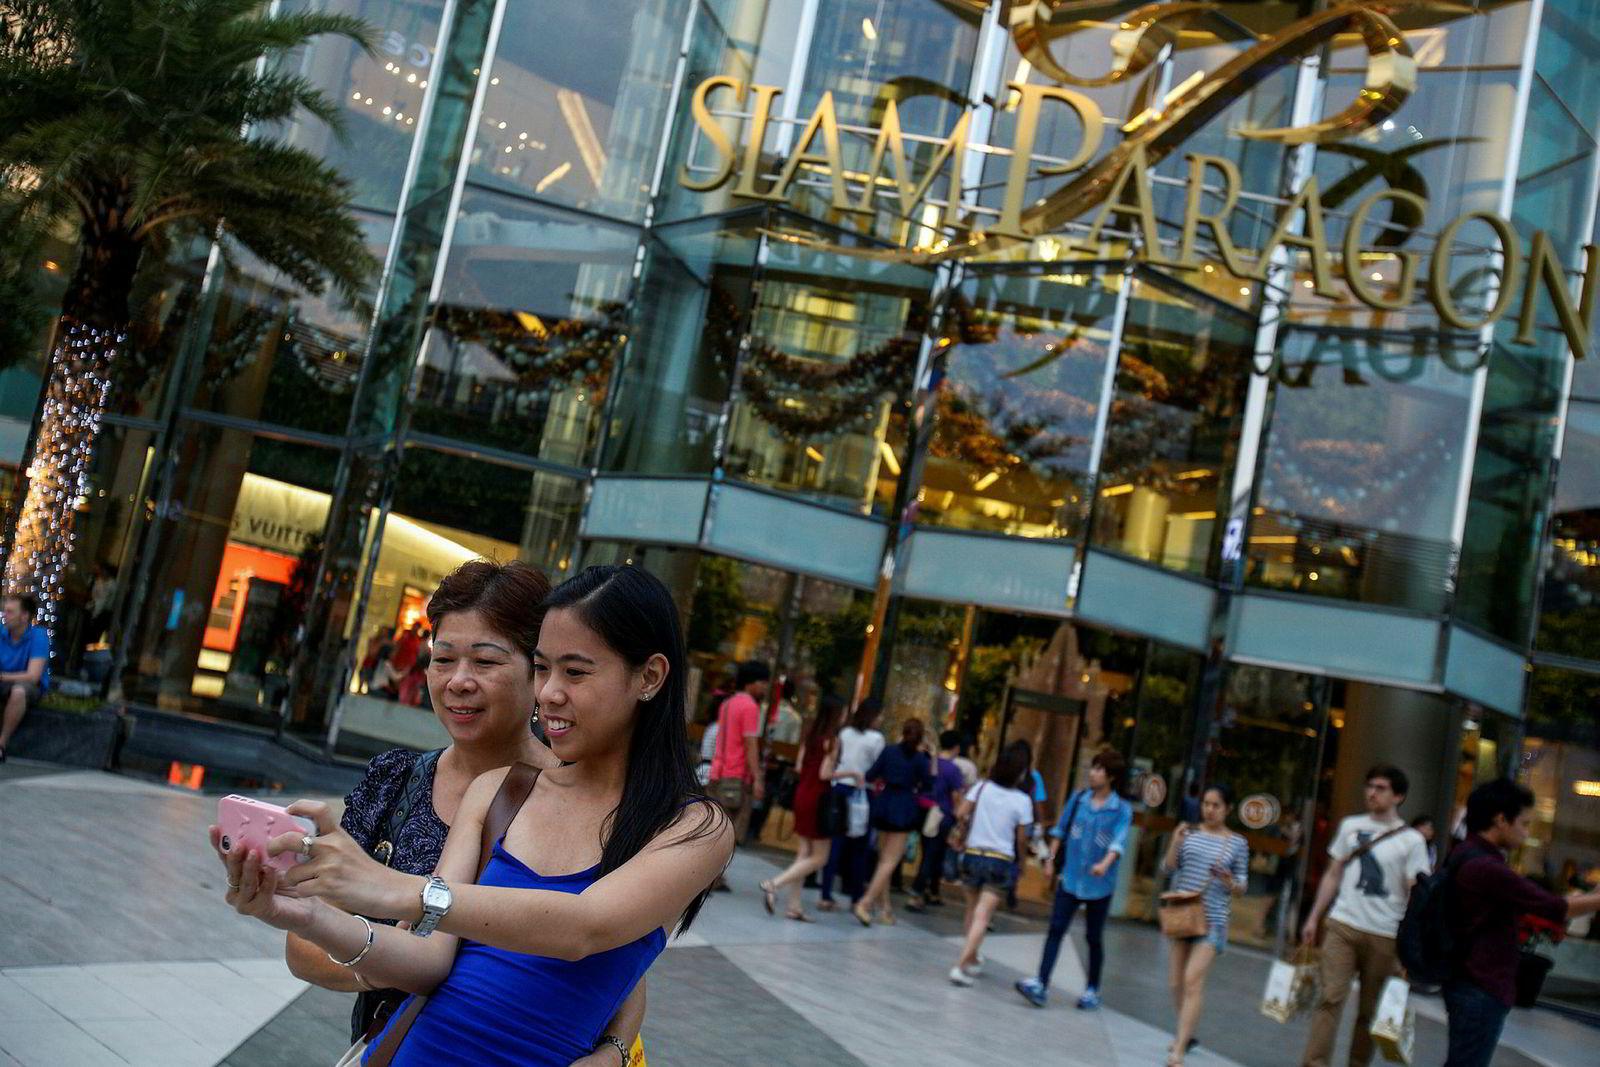 Kjøpesenteret Siam Paragon har vært en suksess og har flere år vært det mest populære stedet i verden å ta selfies. Rekordmange turister besøker Bangkok og legger igjen store beløp i den thailandske økonomien, blant annet i kjøpesentrene.